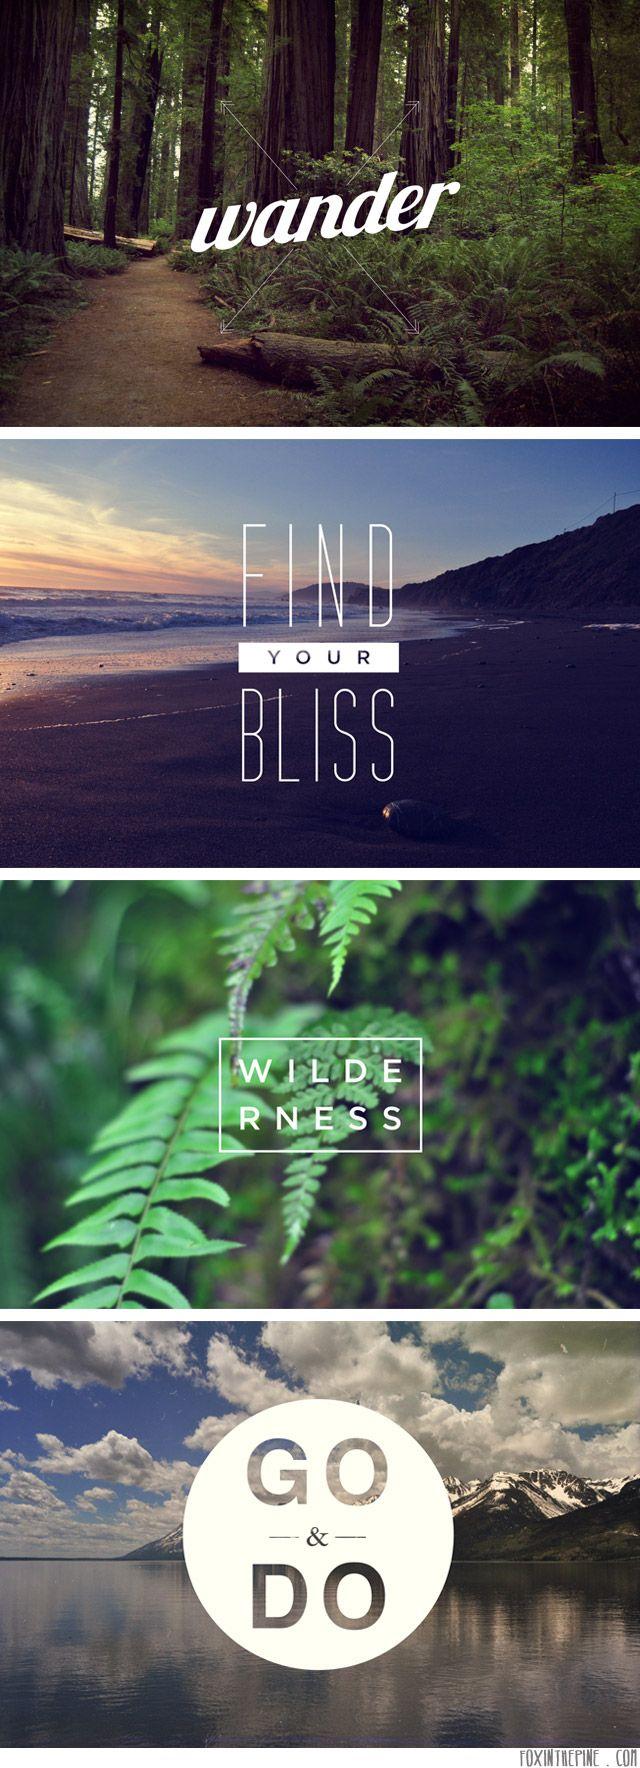 Citaten Over Natuur : Droom groot onderzoek buiten de gebaande paden ligt jouw